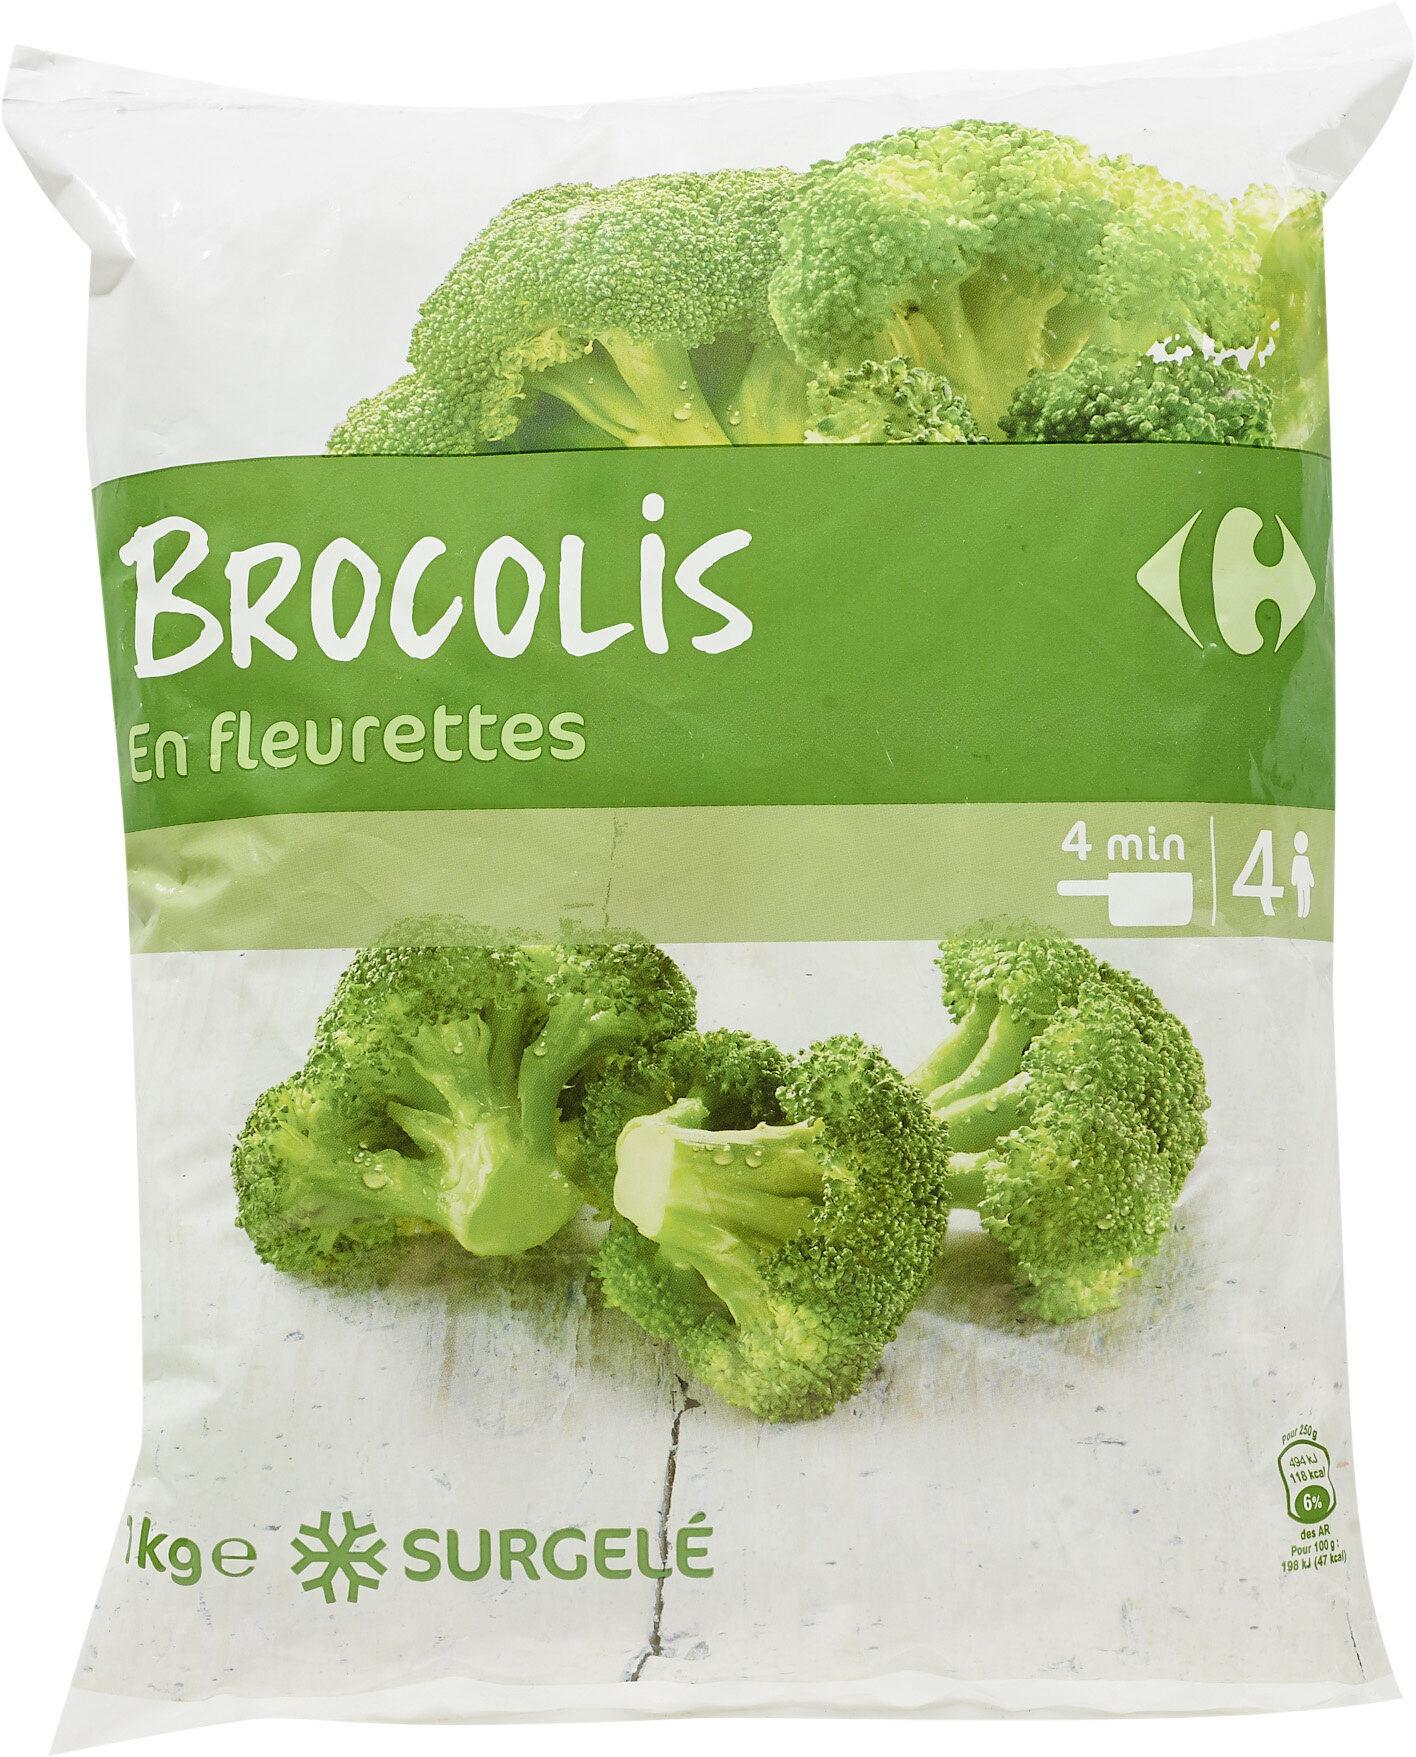 Brocolis En fleurettes - Produit - fr